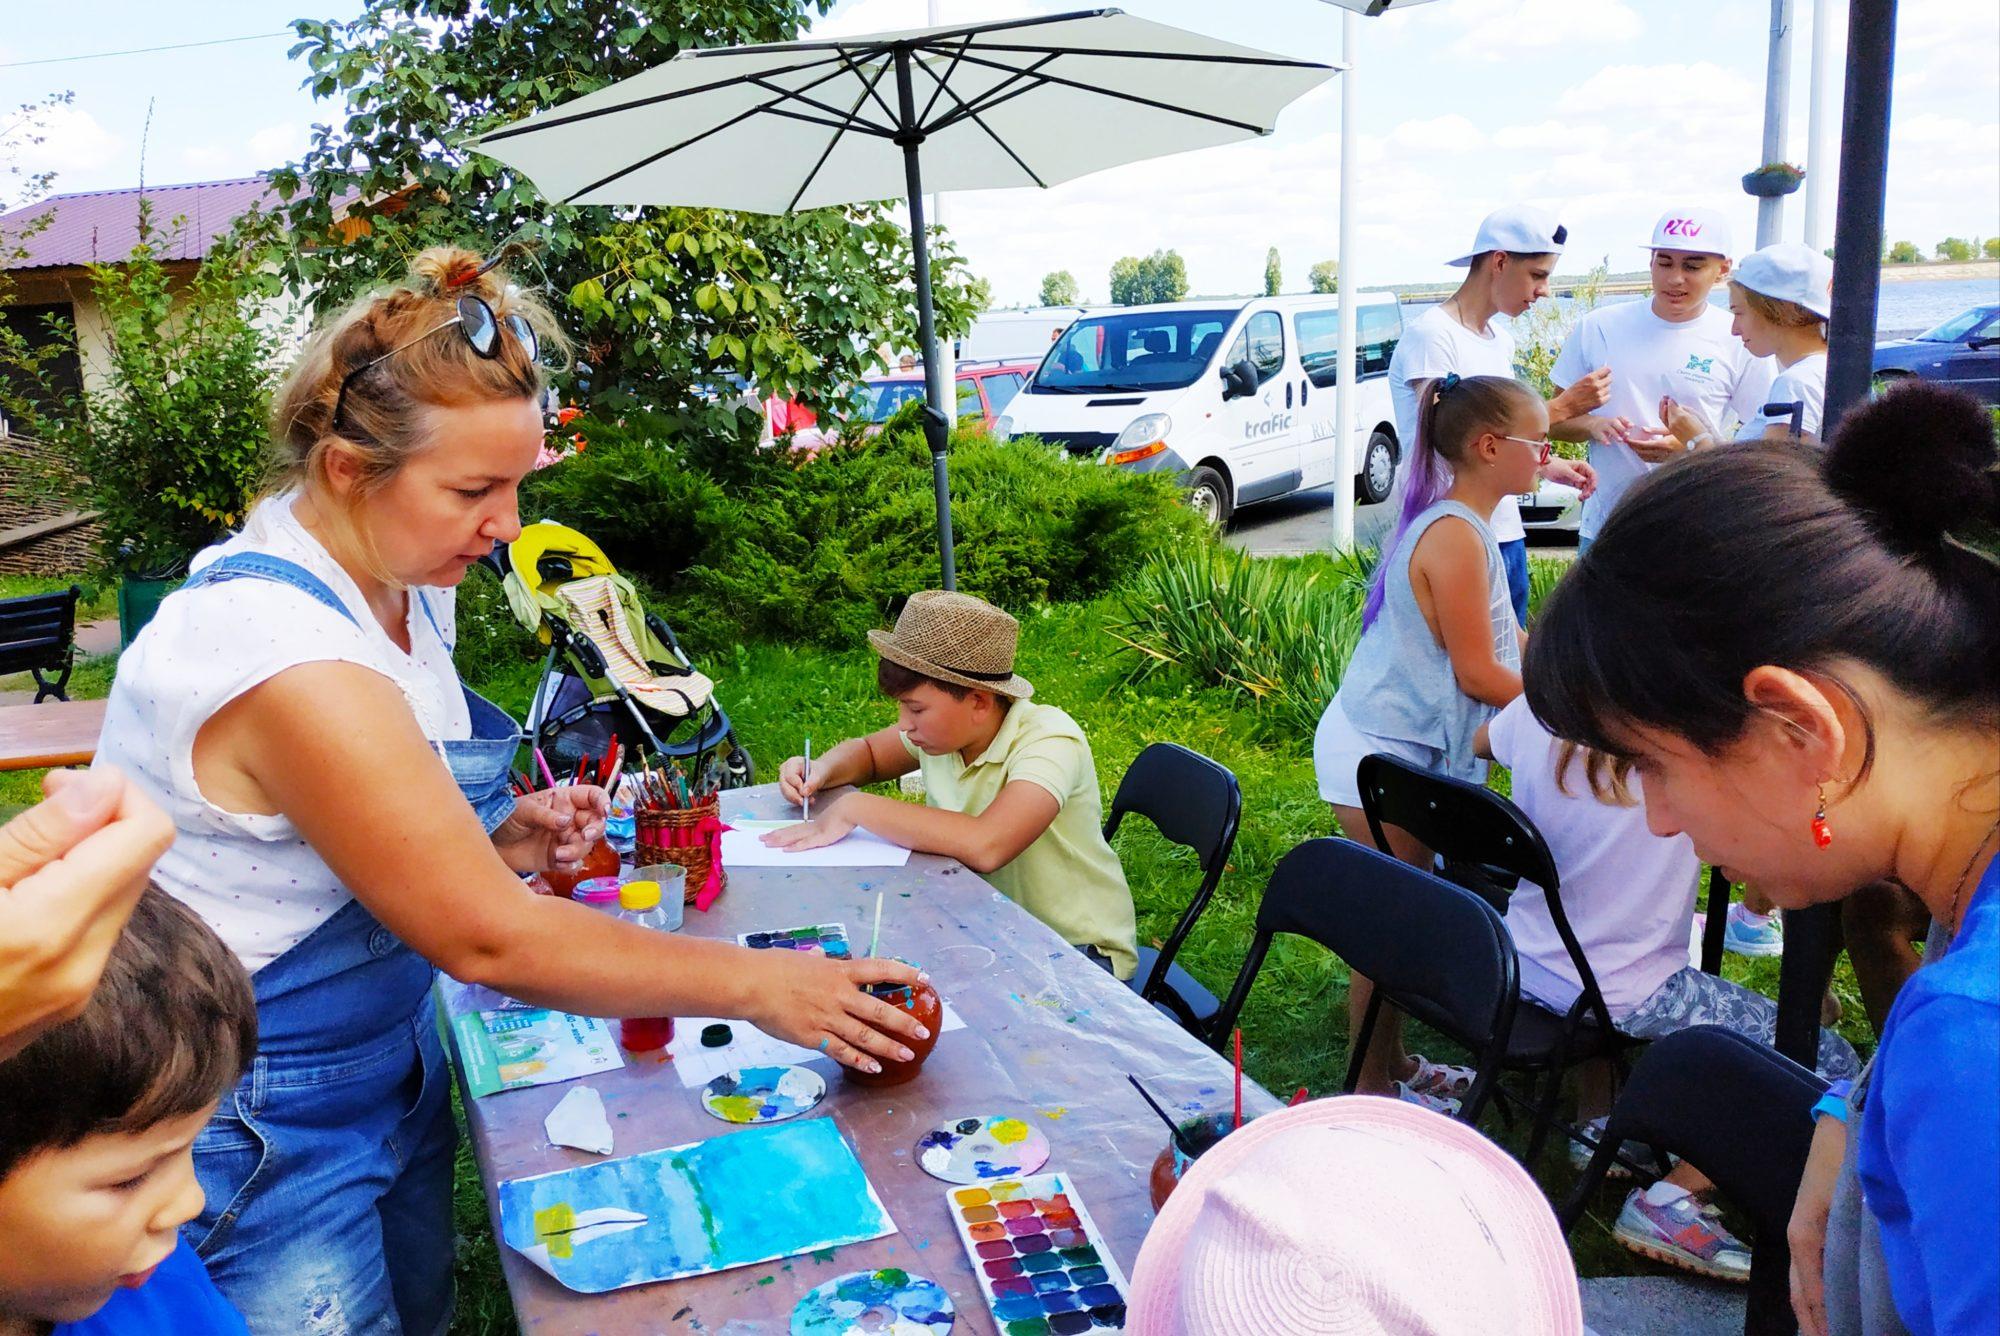 «Свято родинних традицій» у Вишгороді зібрало друзів і партнерів - Фестиваль, Вишгород - 0810 Rodynni Nausevych 2000x1336